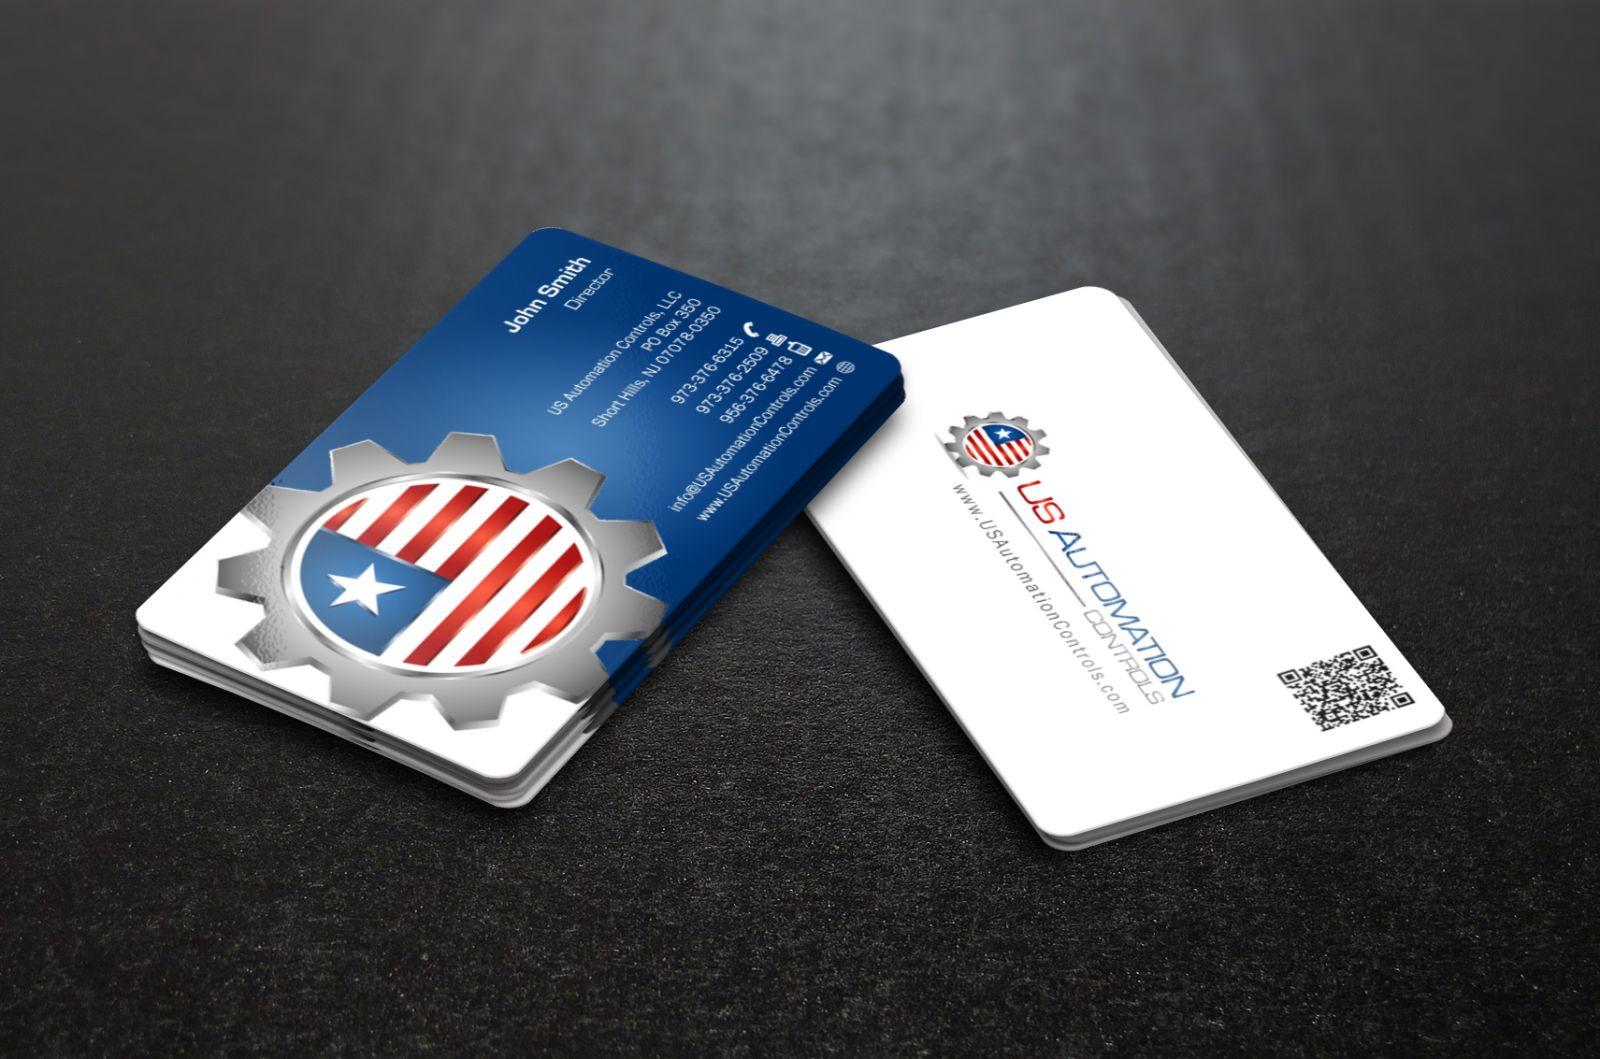 In card visit bo 4 góc - Hình ảnh được chụp bởi NamVietAd.Com